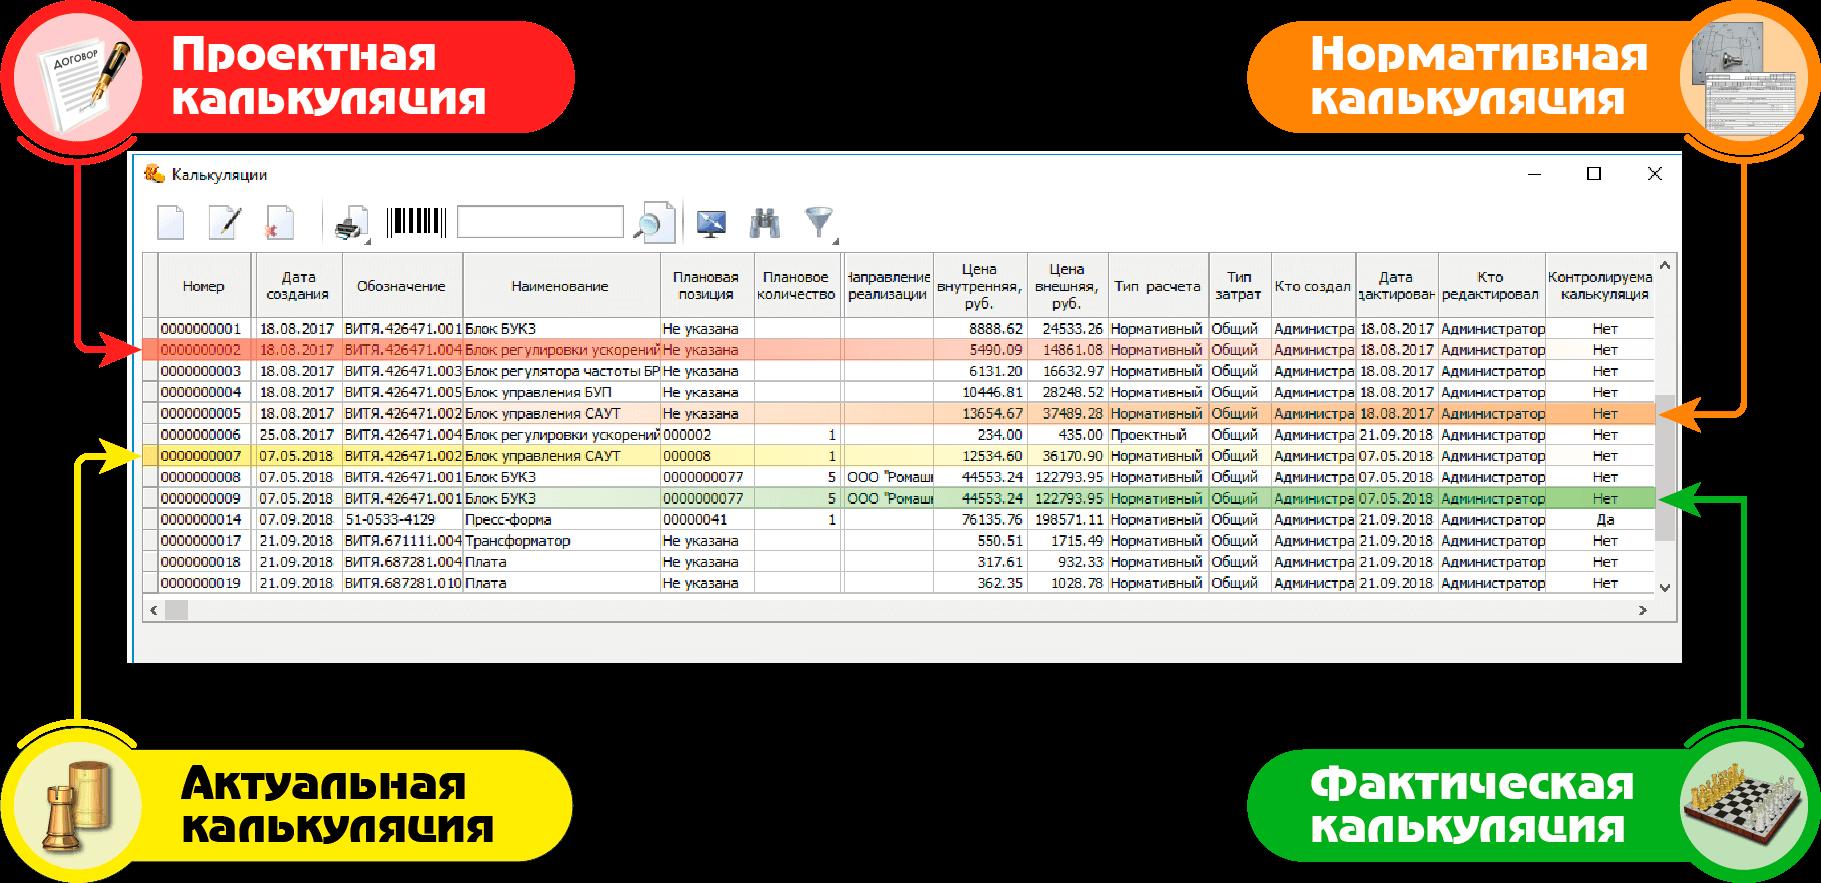 СПРУТ-ОКП планирование производства Экономика отчет по калькуляции виды